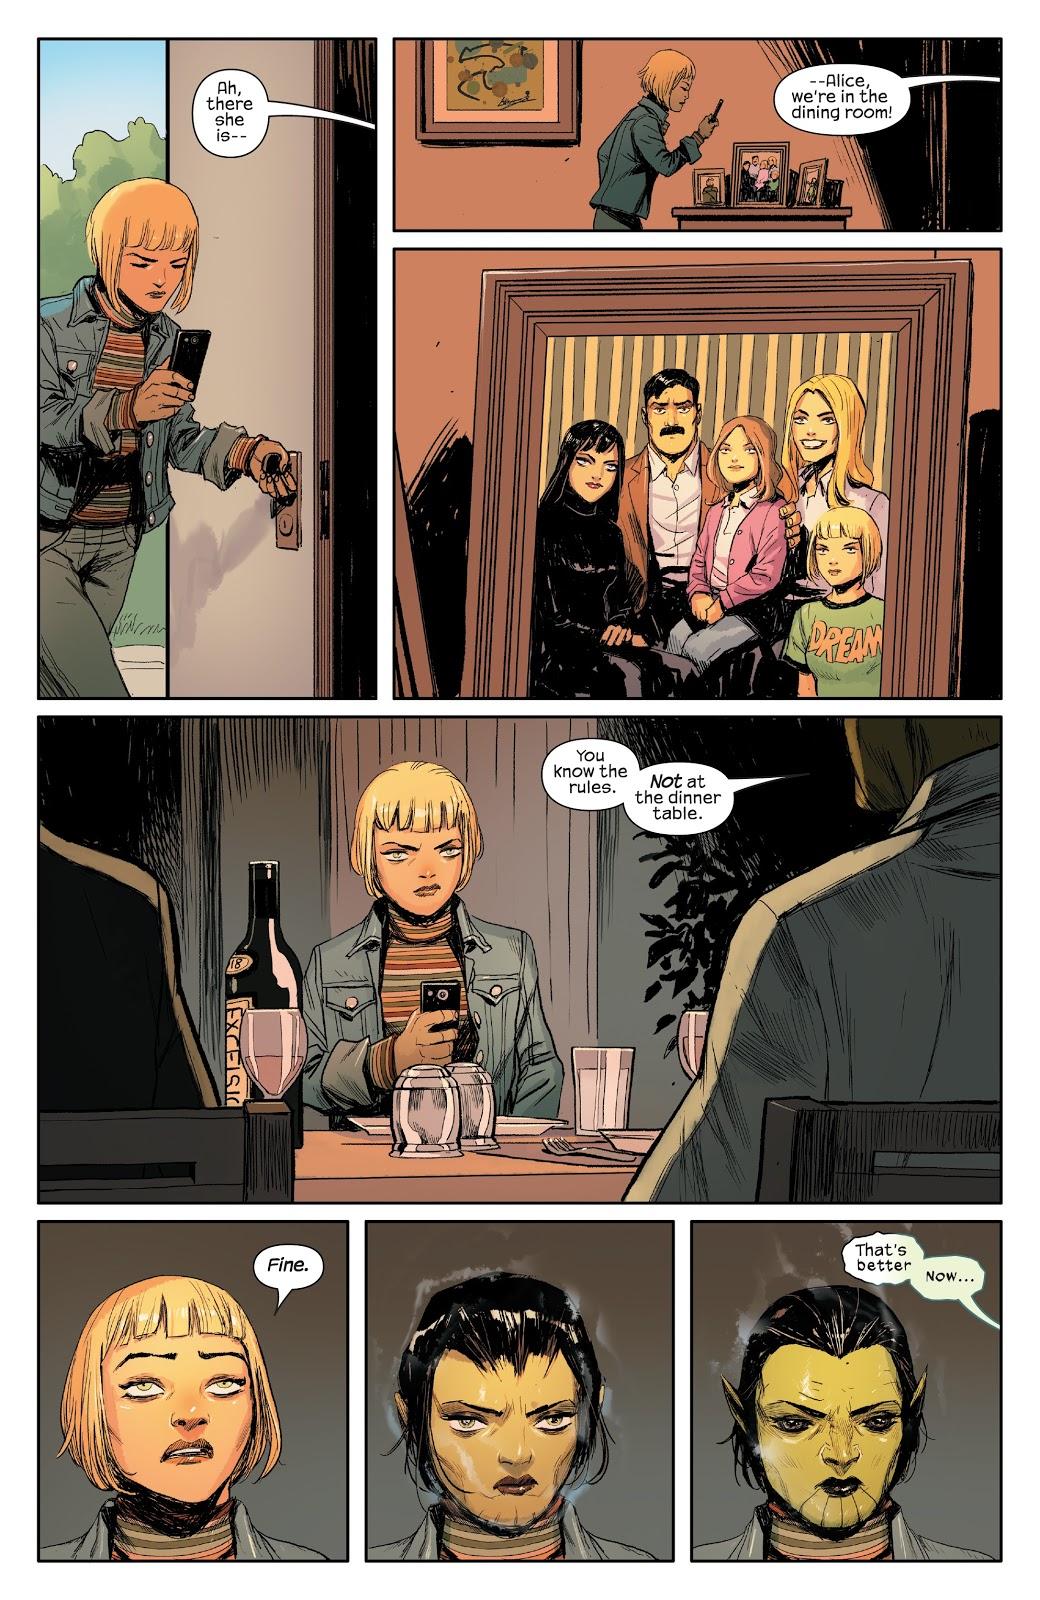 Зачем читать Meet the Skrulls? История осемье пришельцев-шпионов, скрывающихся наЗемле | Канобу - Изображение 2